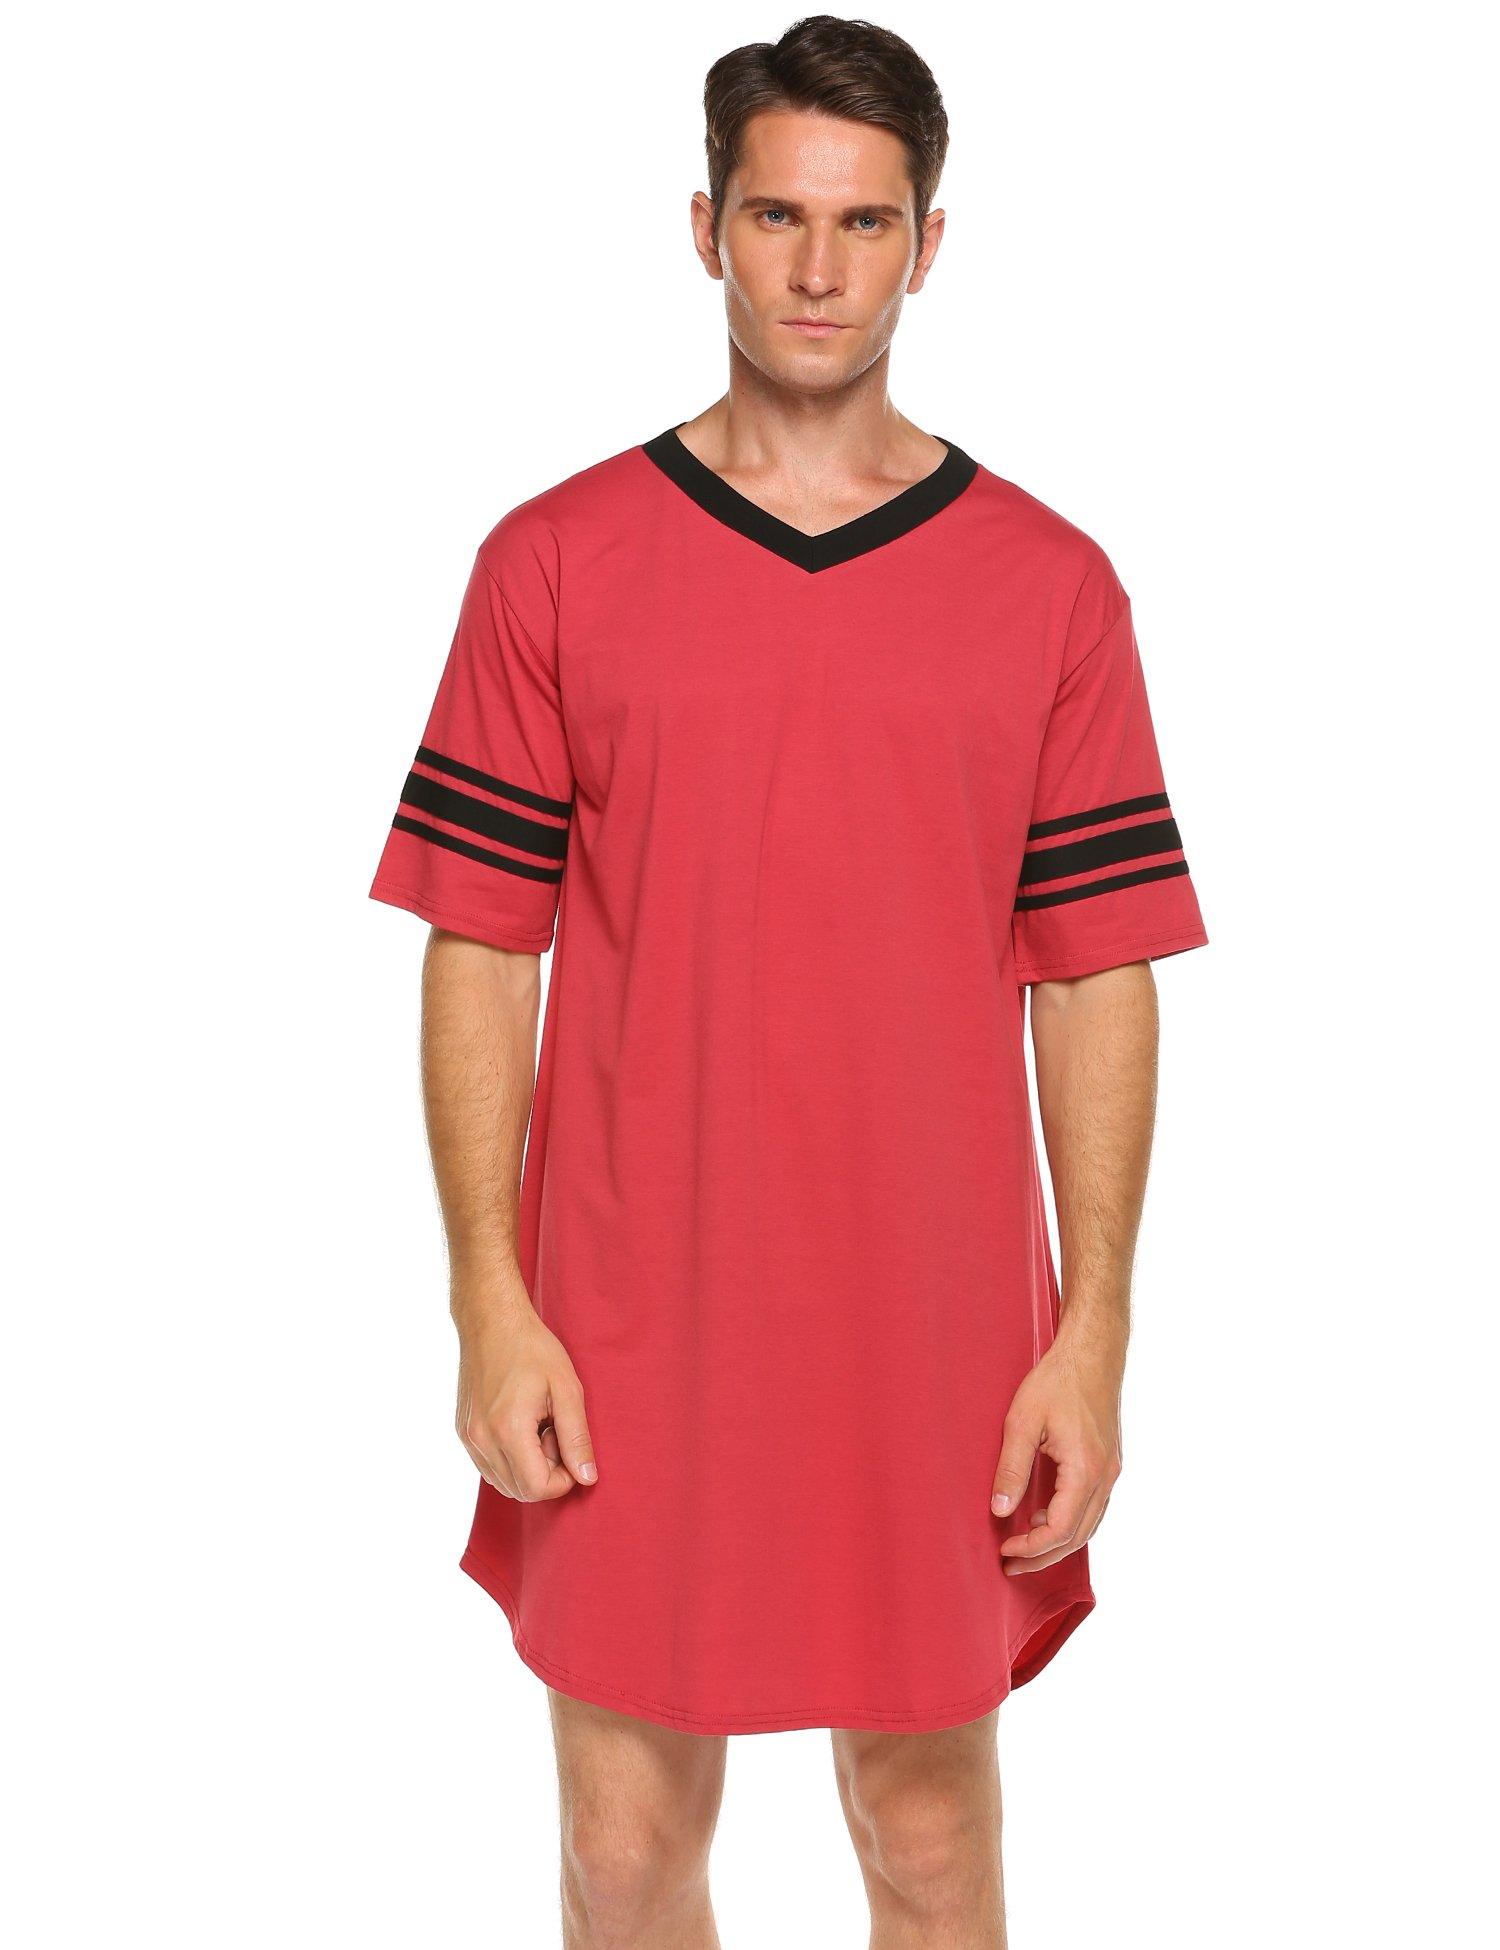 Skylin Nightdress Men's Comfort Sleepwear Short Sleeve Nightshirt Sleep Shirt (Red, XL)